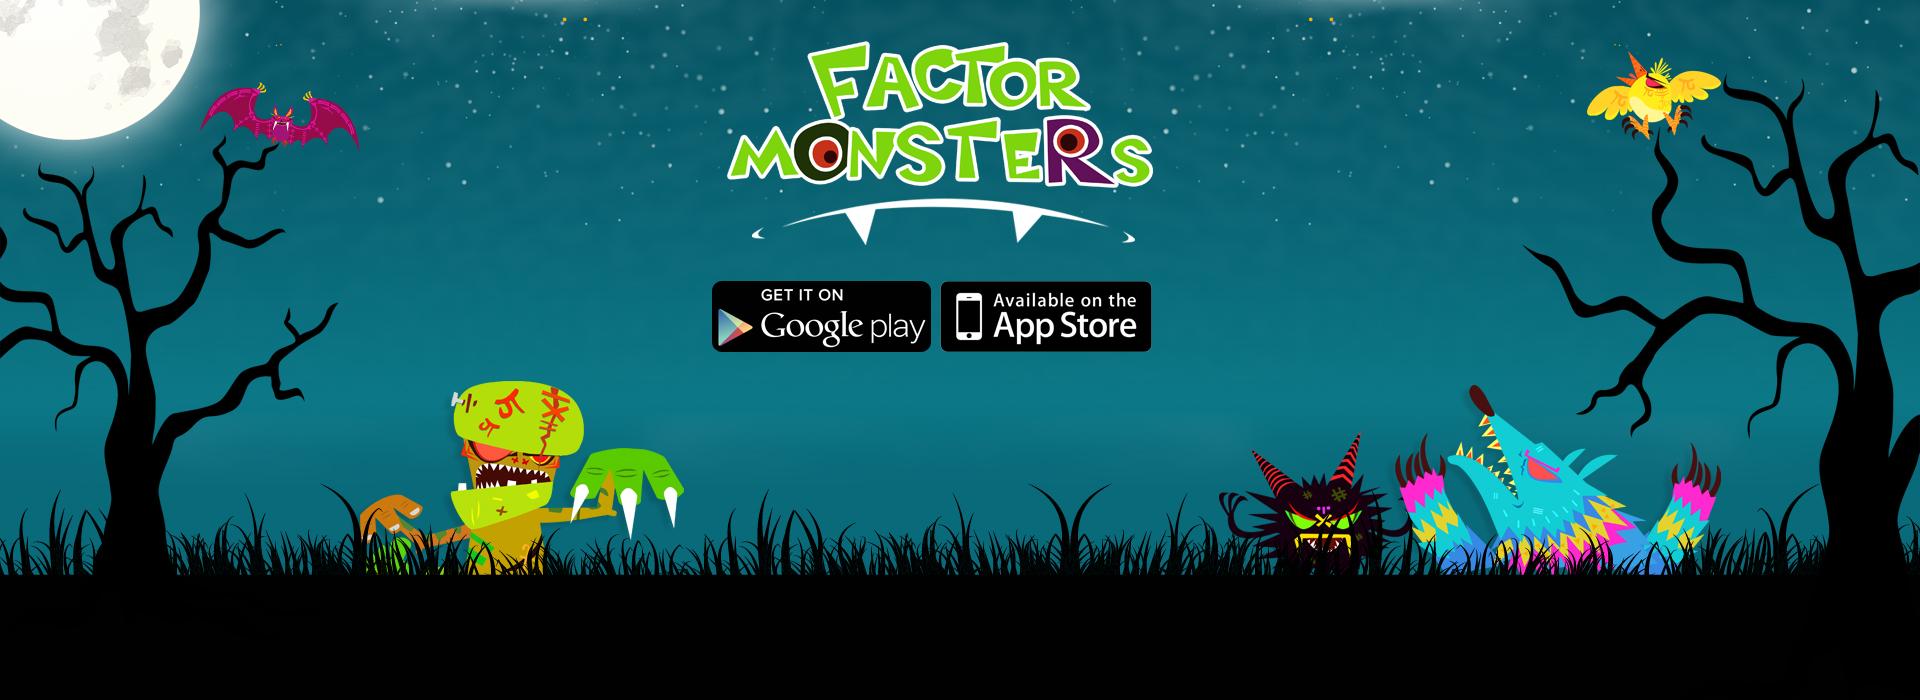 Factor Monster